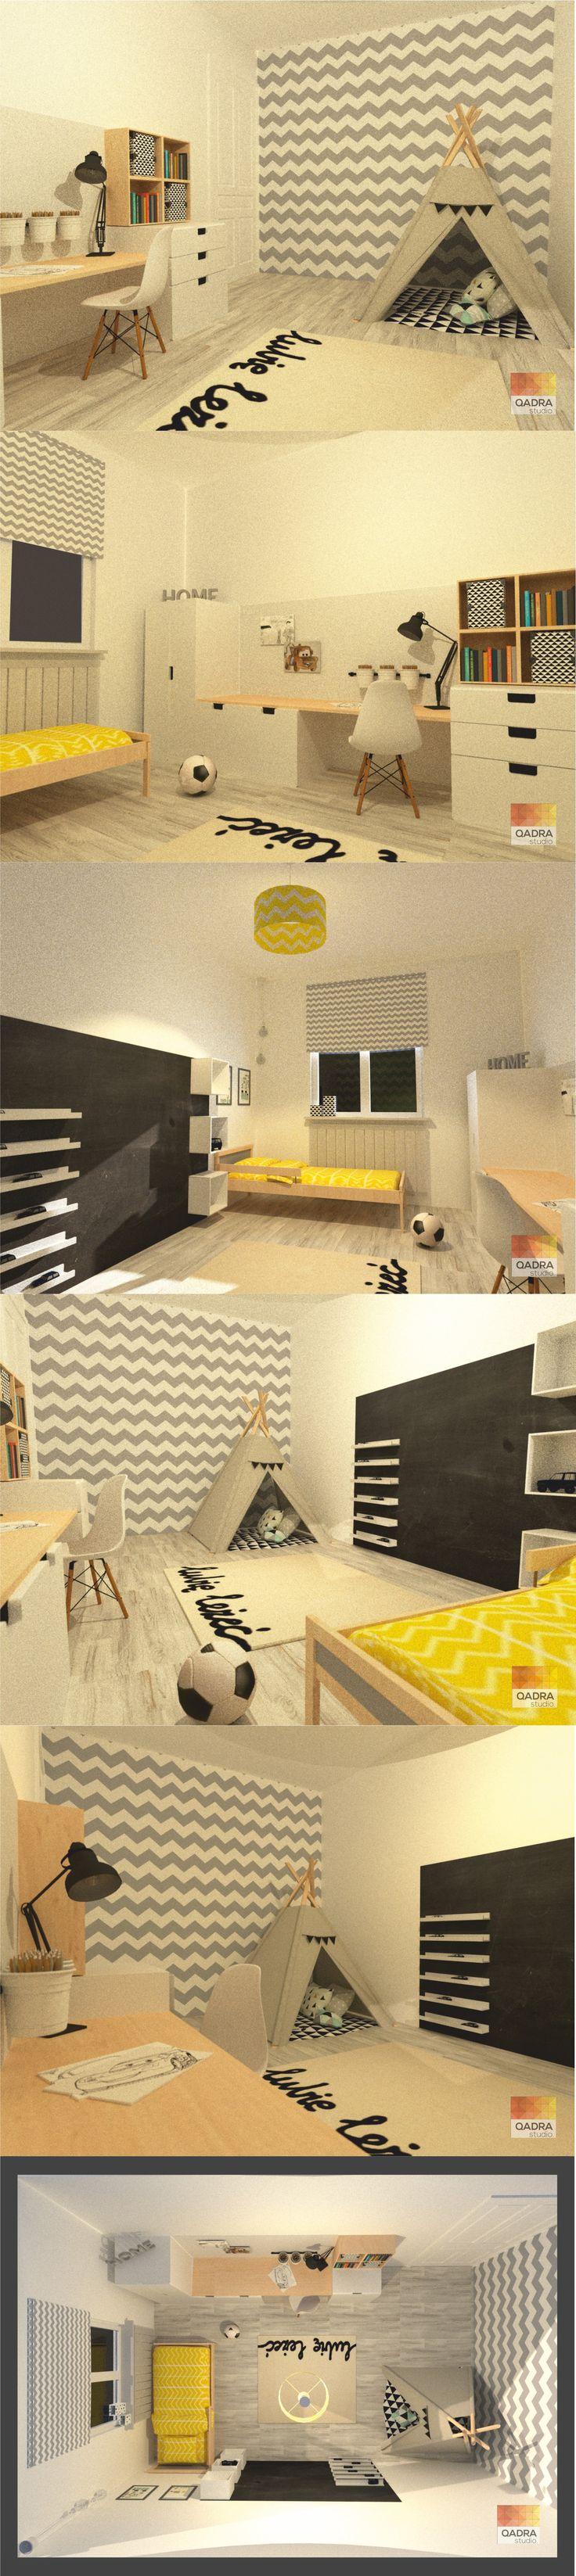 Projekt i wizualizacje: Kamila Mucha QADRA studio. www.qadrastudio.pl www.facebook.pl/qadra studio  #pokój dla chłopca